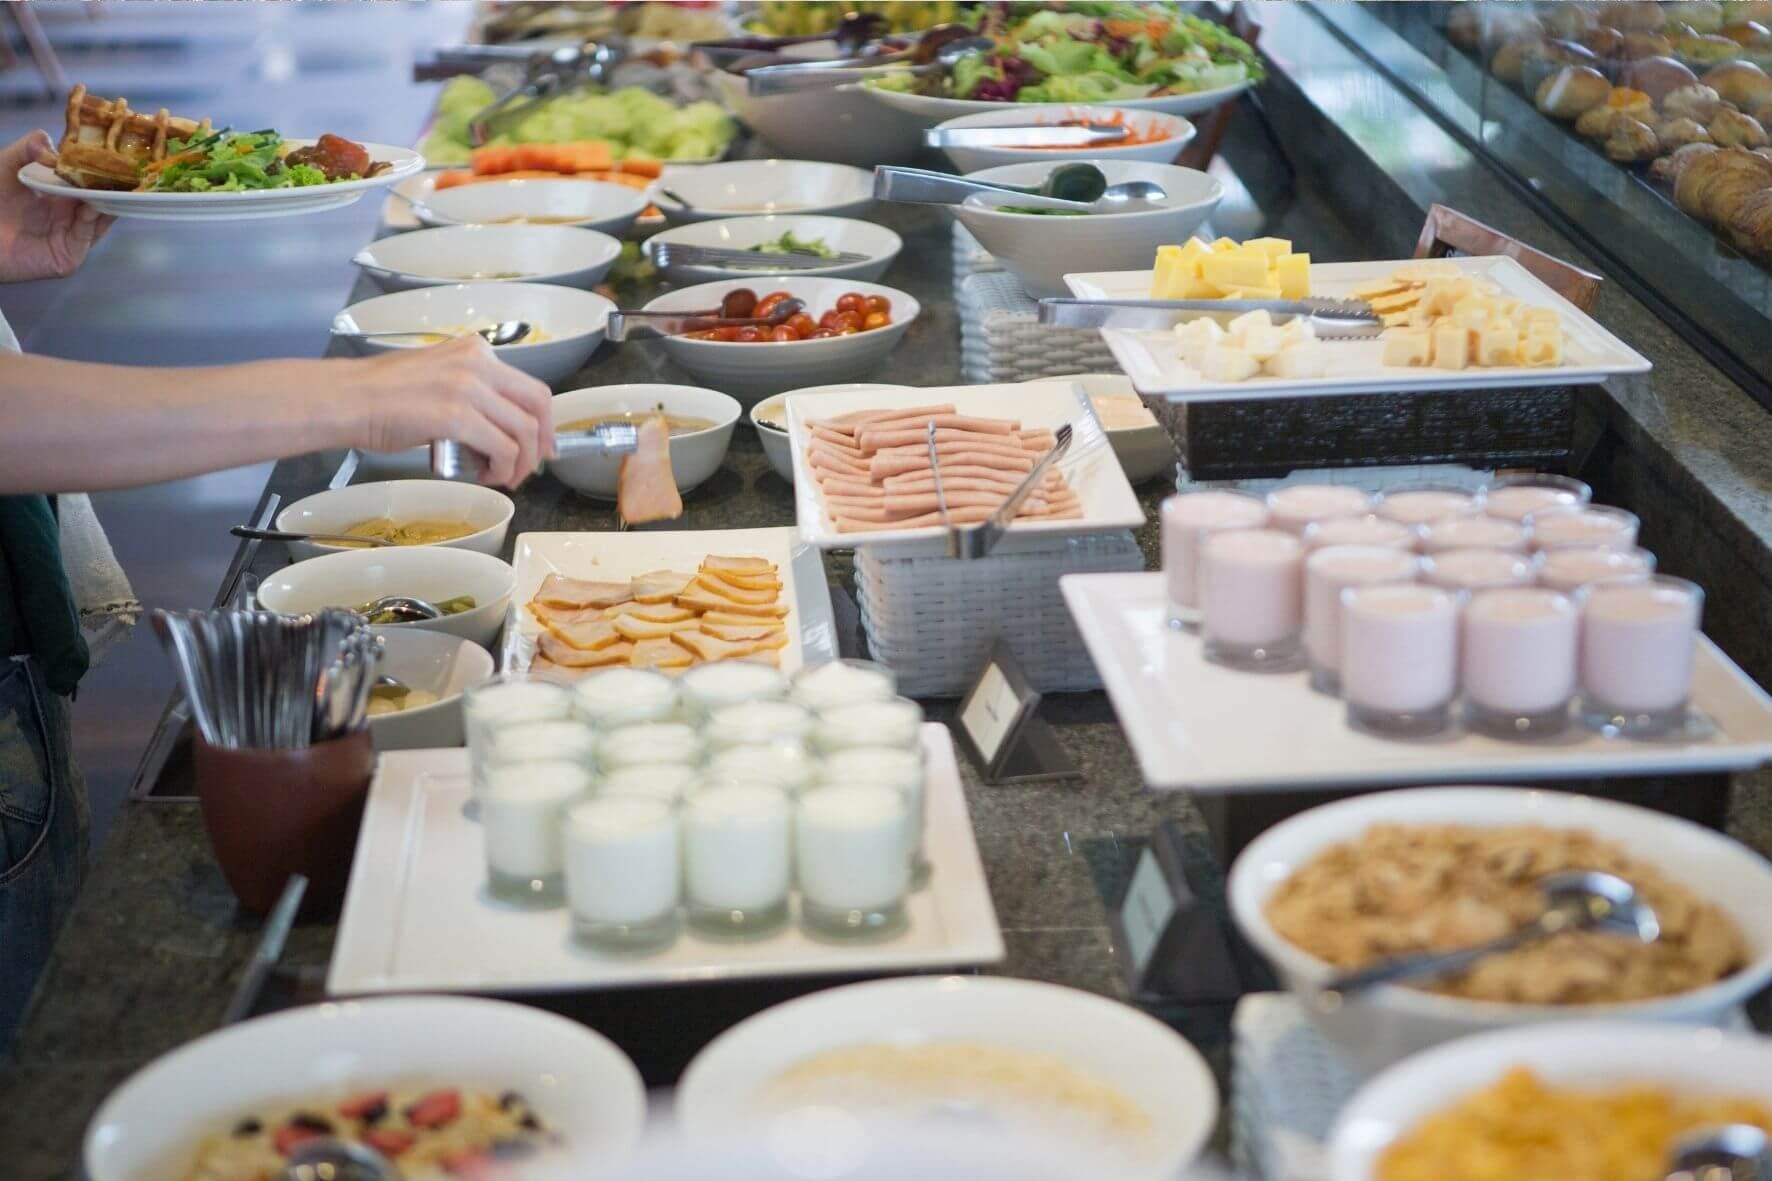 Frühstücks-Buffet Abreise